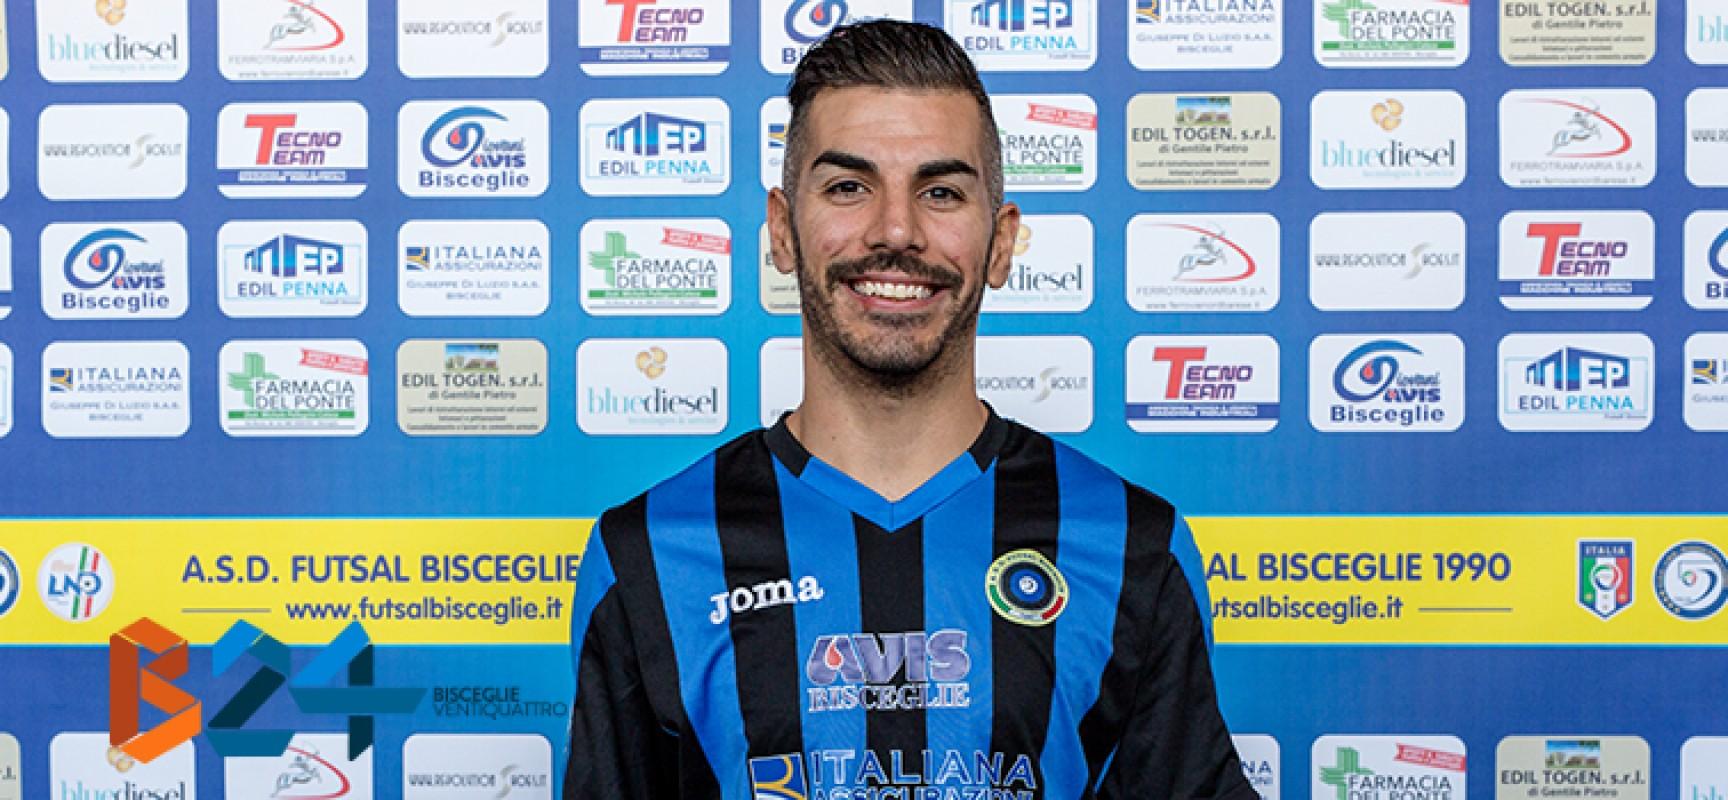 """Futsal Bisceglie sabato di scena a Catanzaro, Kevin: """"Sarà un'altra storia"""""""